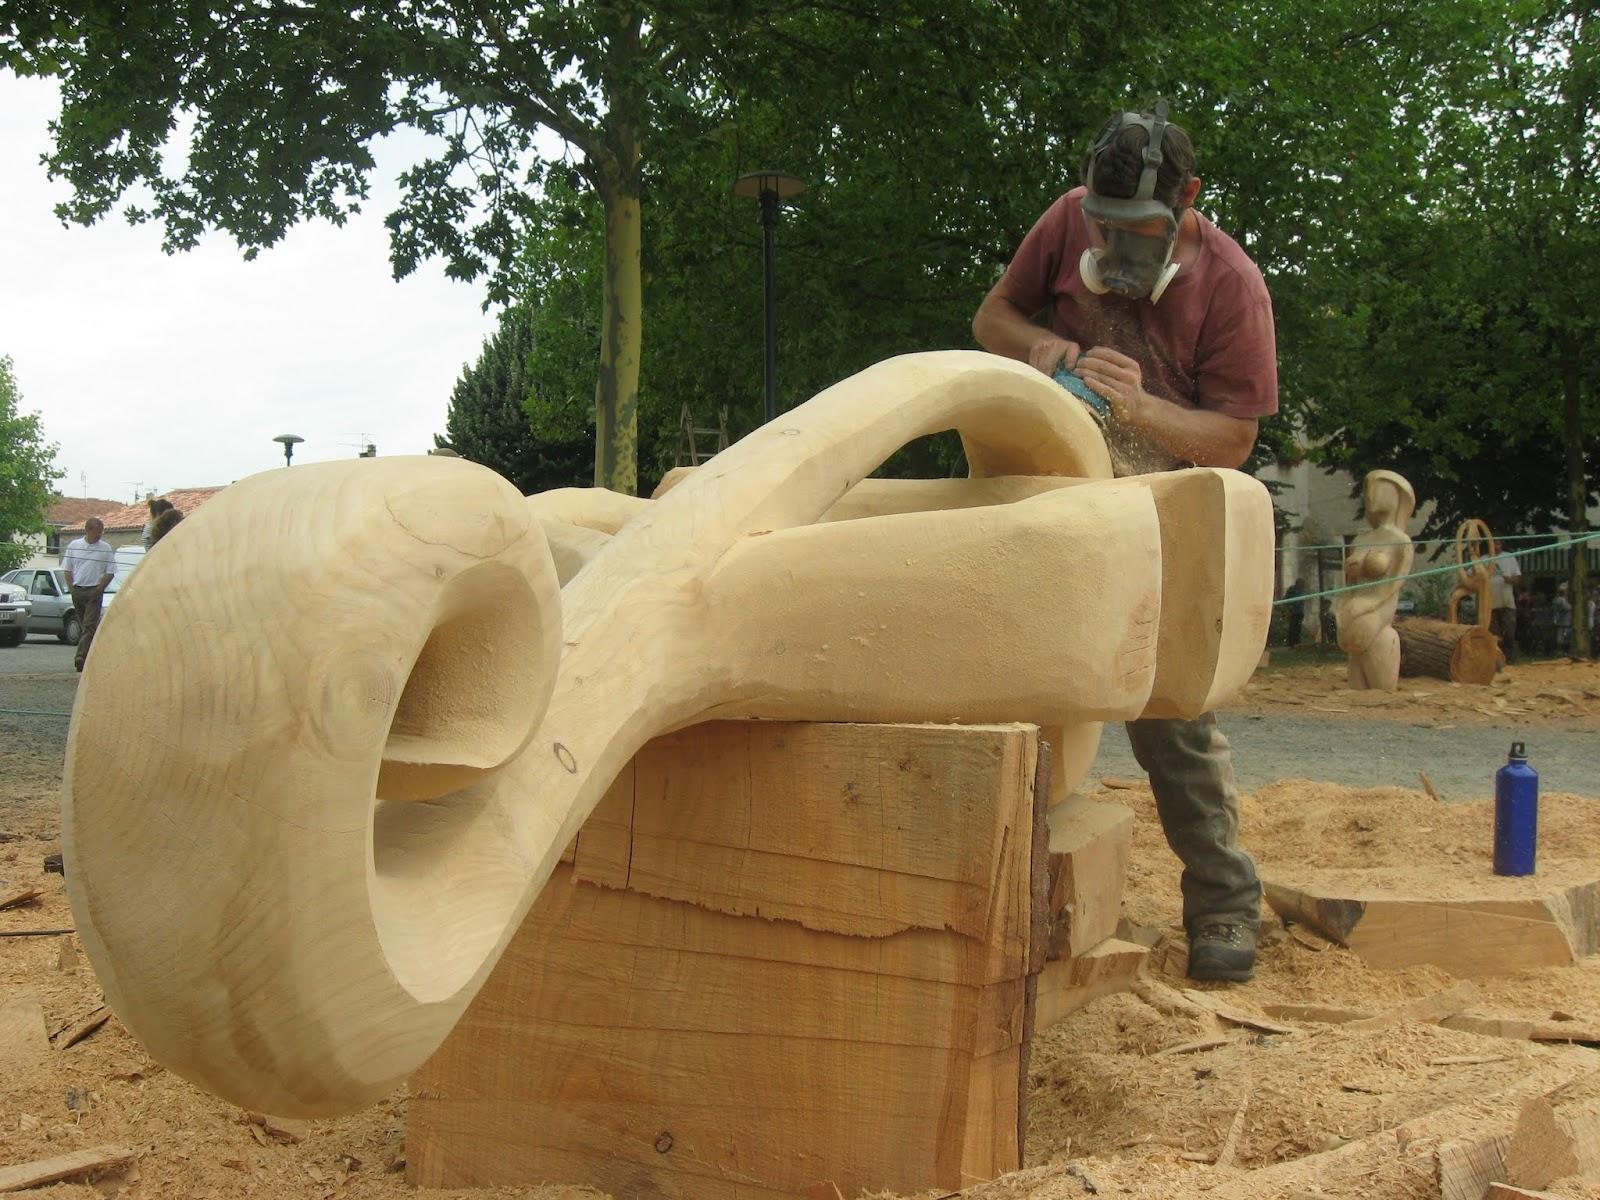 symposium de sculpture la tron onneuse foussais payr 85 dernier jour du symposium. Black Bedroom Furniture Sets. Home Design Ideas